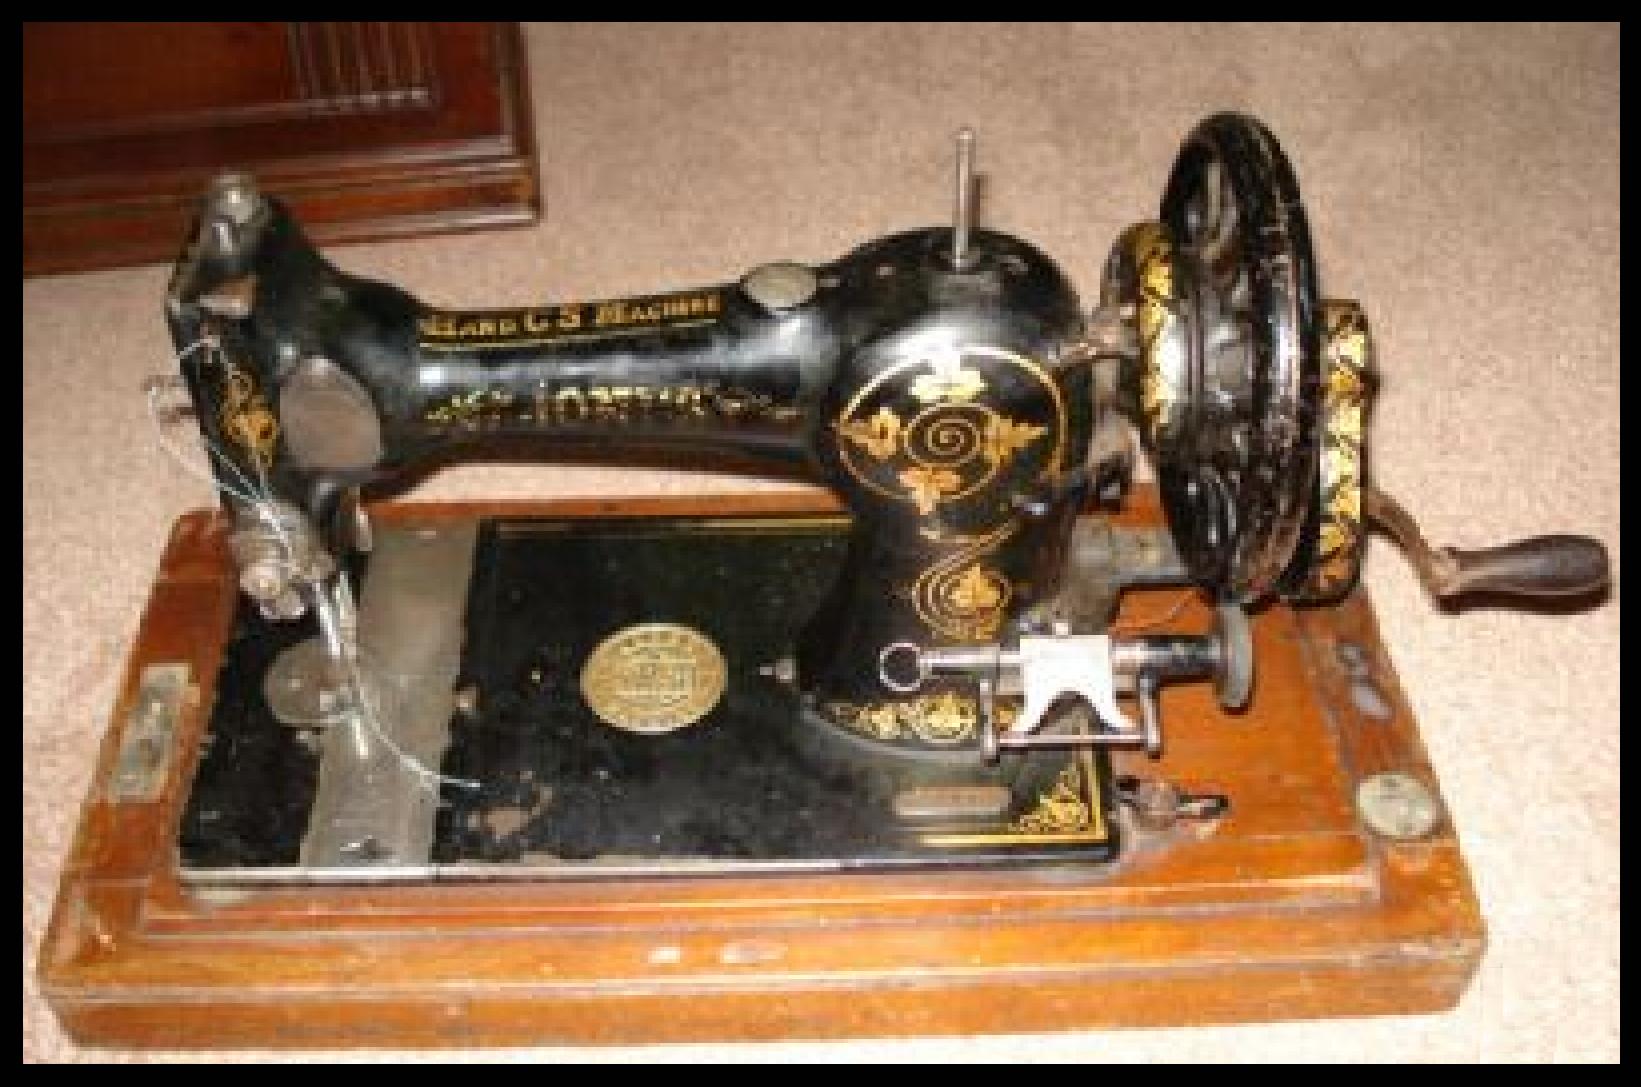 Dating Willcox & Gibbs naaimachines